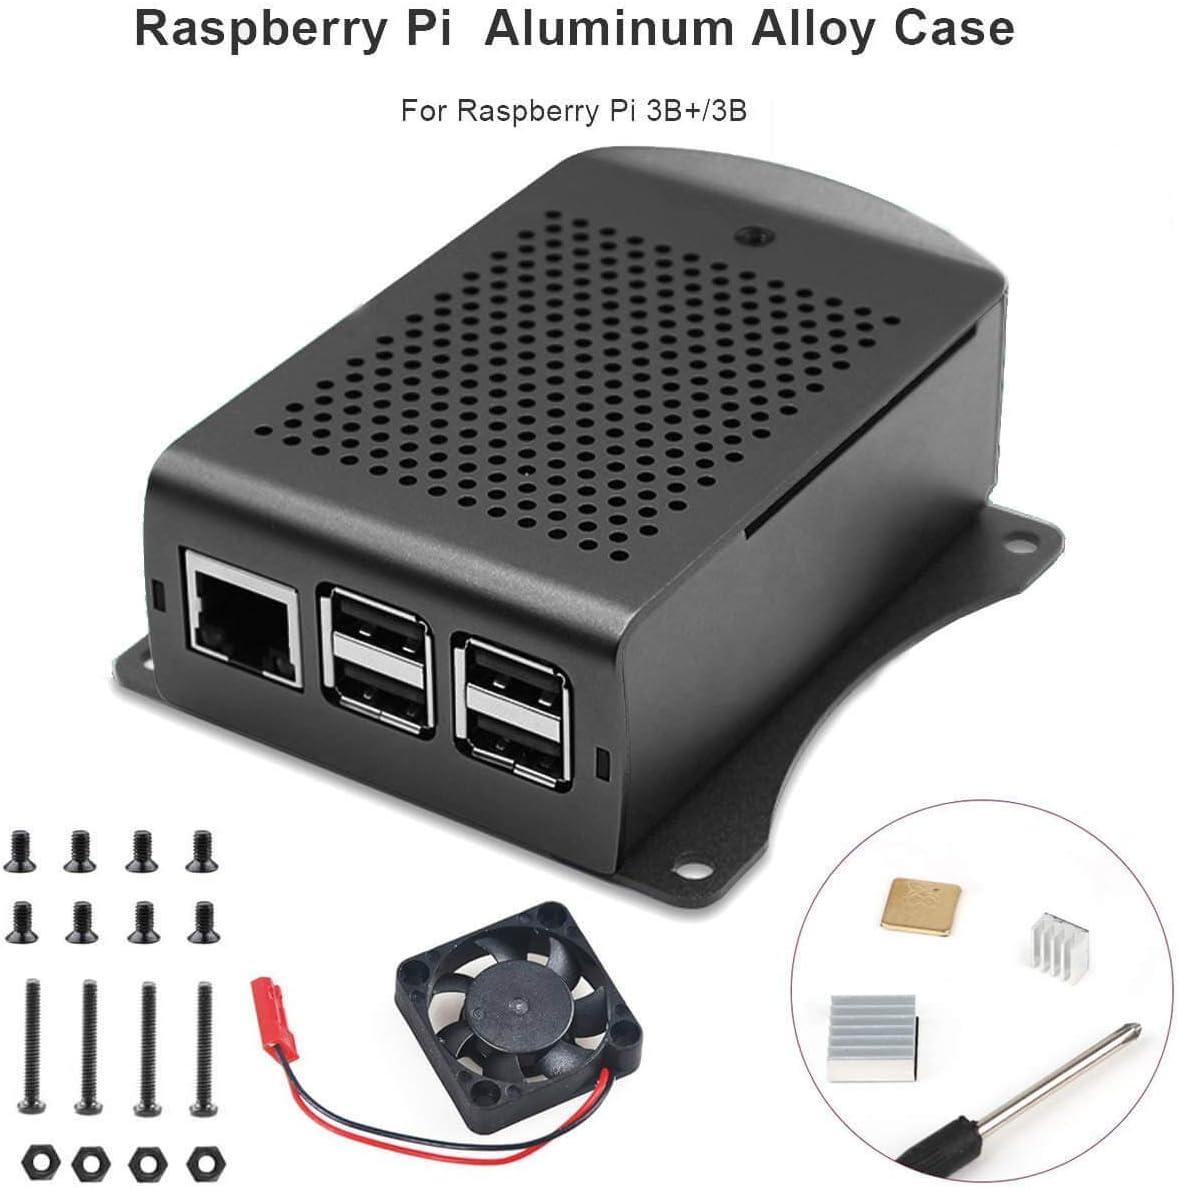 MakerHawk Raspberry Pi Estuche con Ventilador, Raspberry Pi 3 B + Estuche de aleación de Aluminio con disipador de Calor y Destornillador para RPi 3B +, RPi 3/2, RPi B: Amazon.es: Electrónica